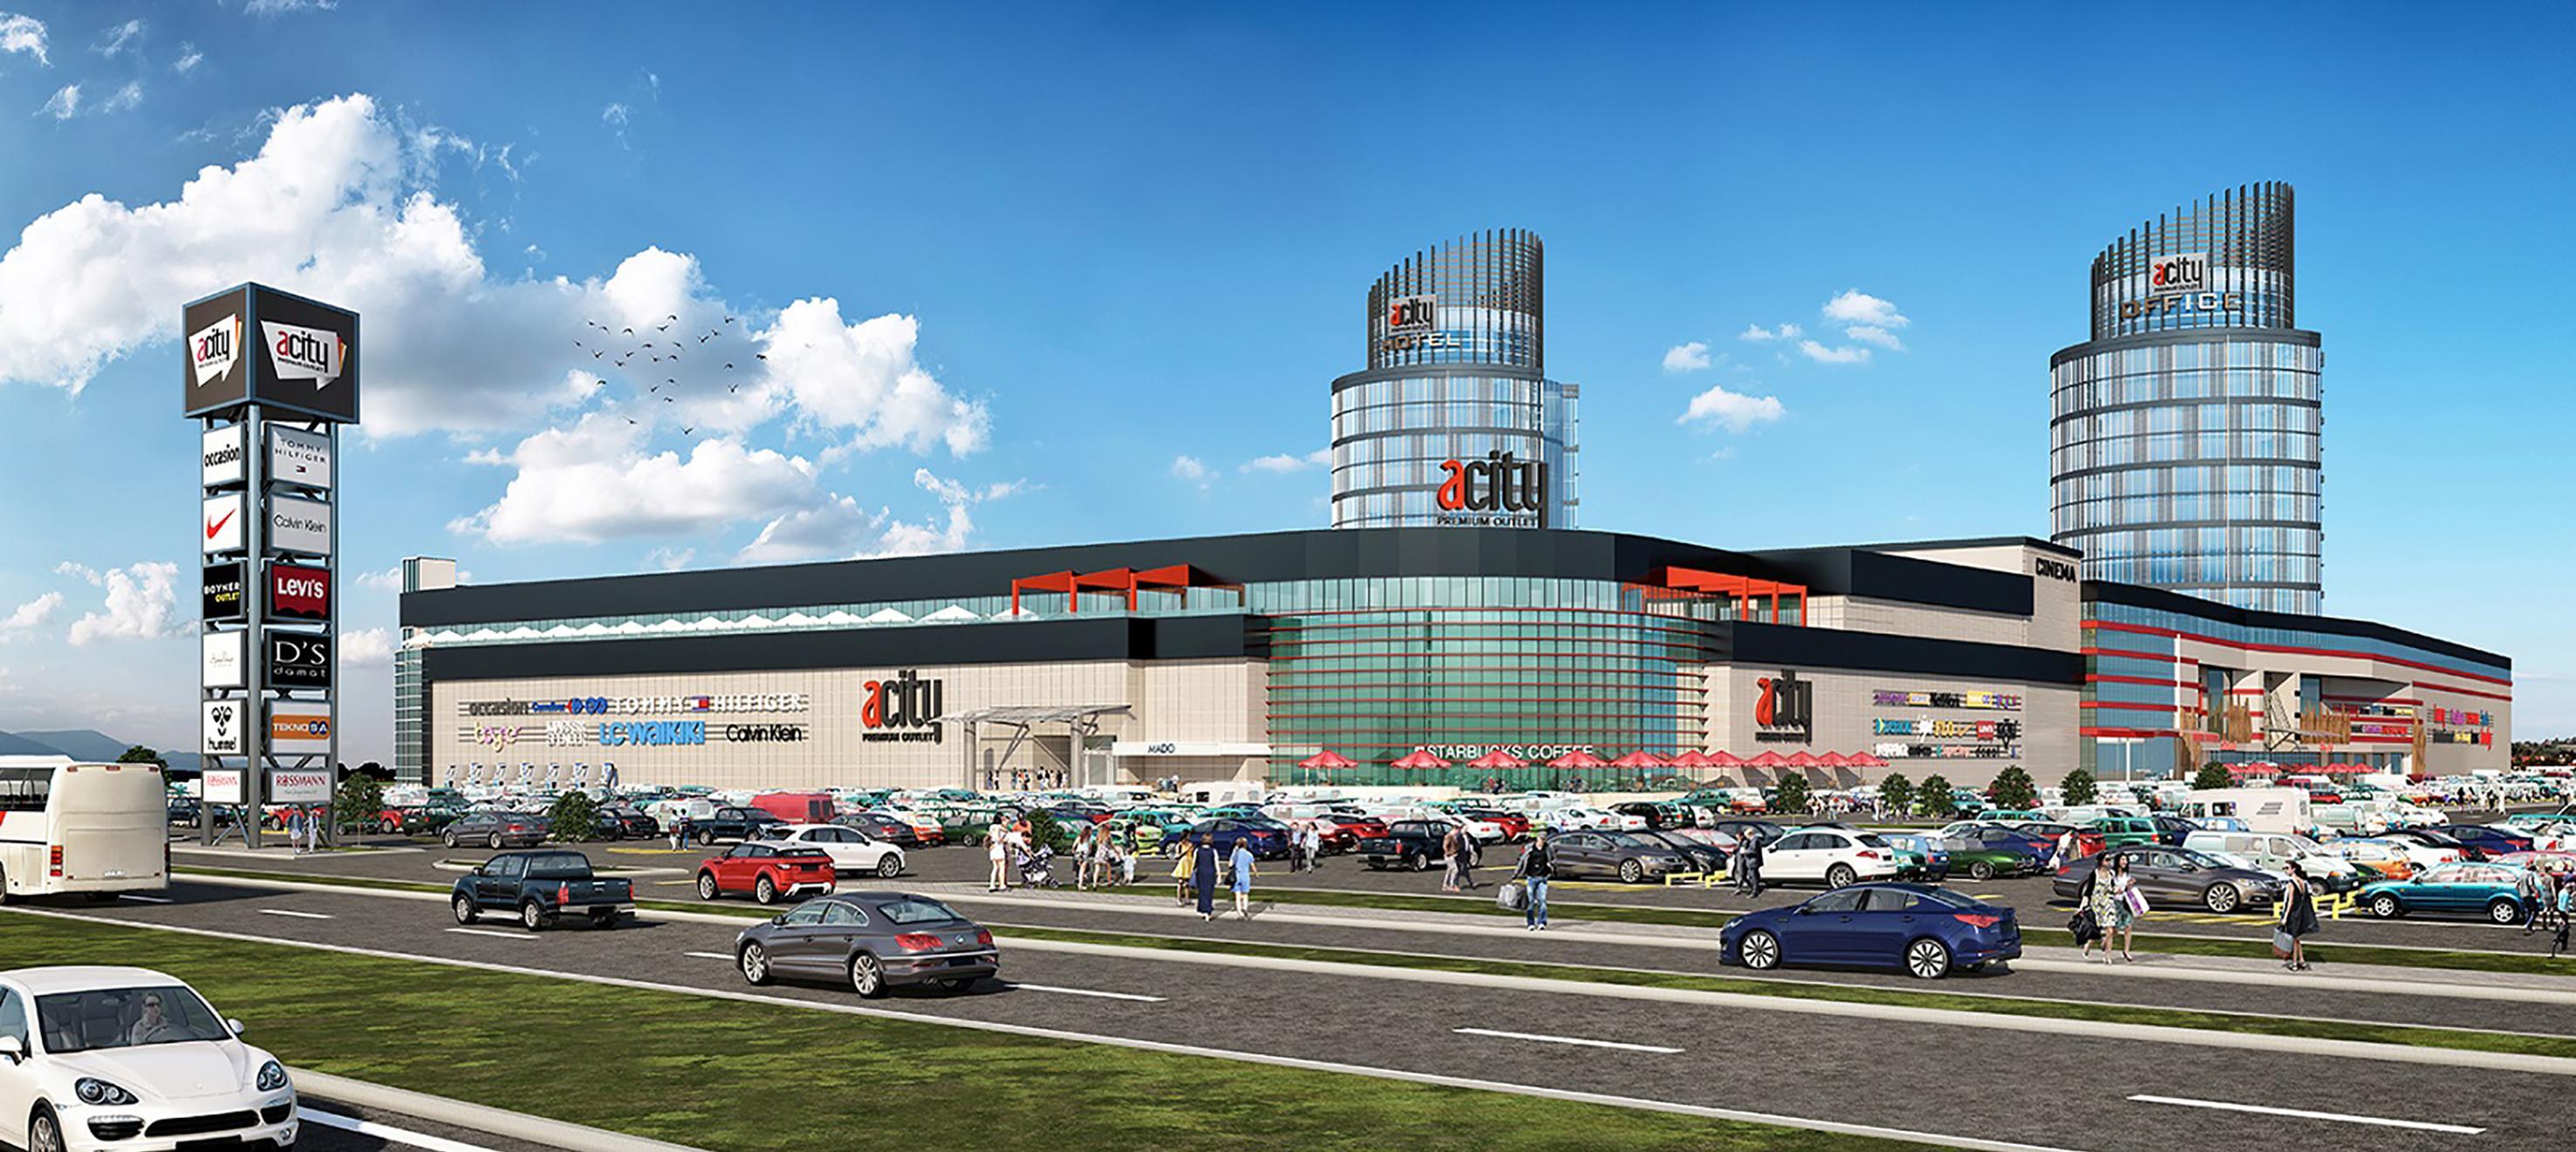 ECE Türkiye ve A1 Grup, başkentin outlet'i ACıty'i,  60 milyon dolarlık yatırımla büyütüyor